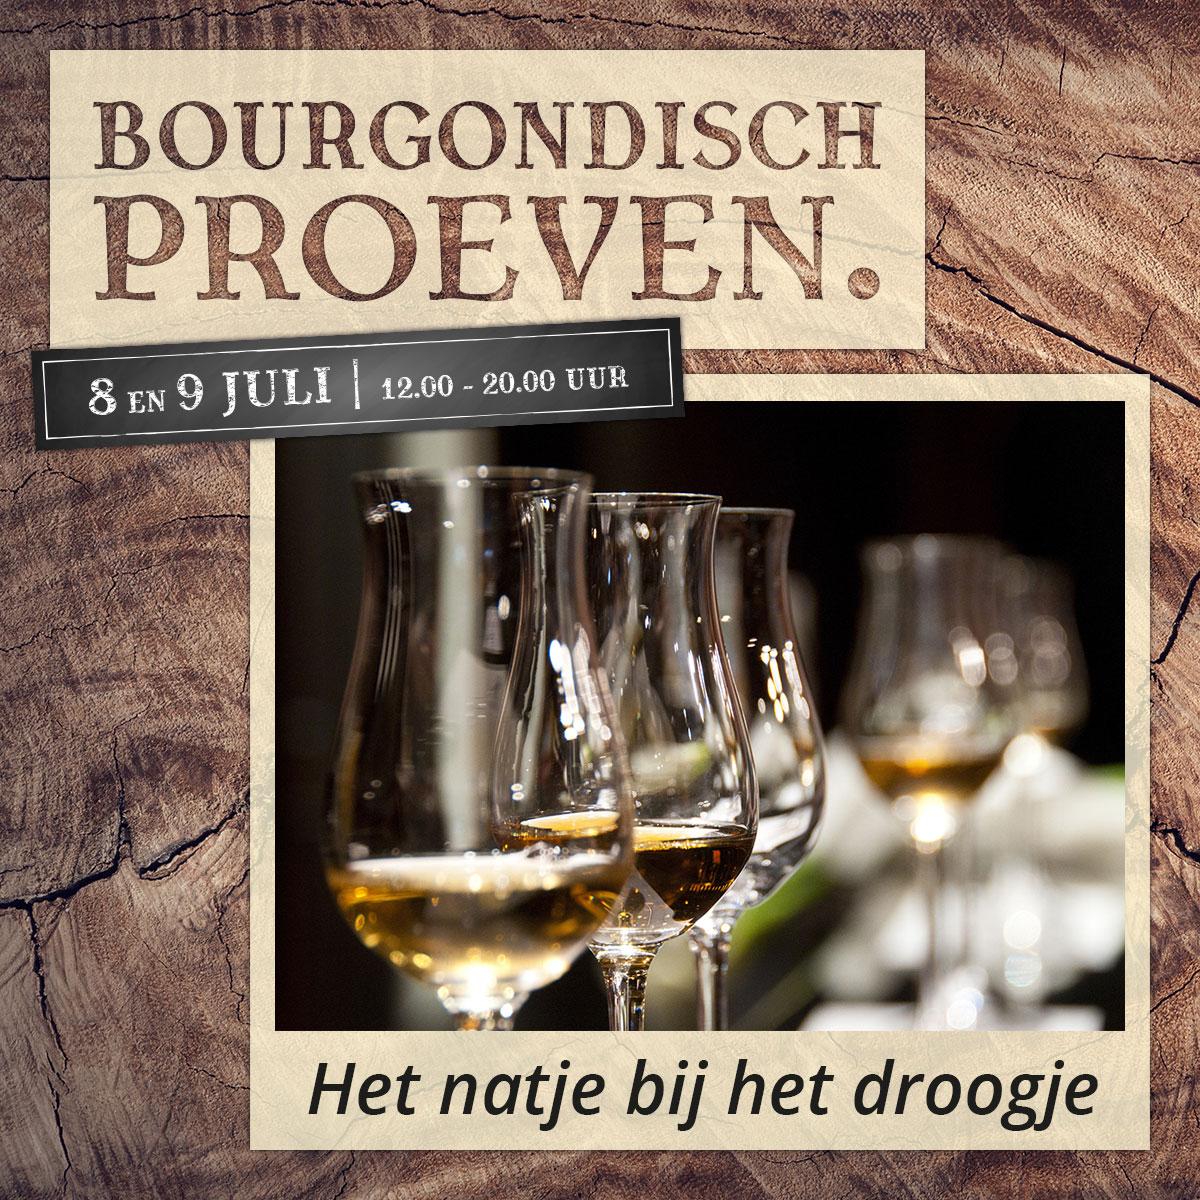 De Bourgondiër – Bourgondisch Proeven. – Facebookbericht – Het-natje-bij-het-droogje